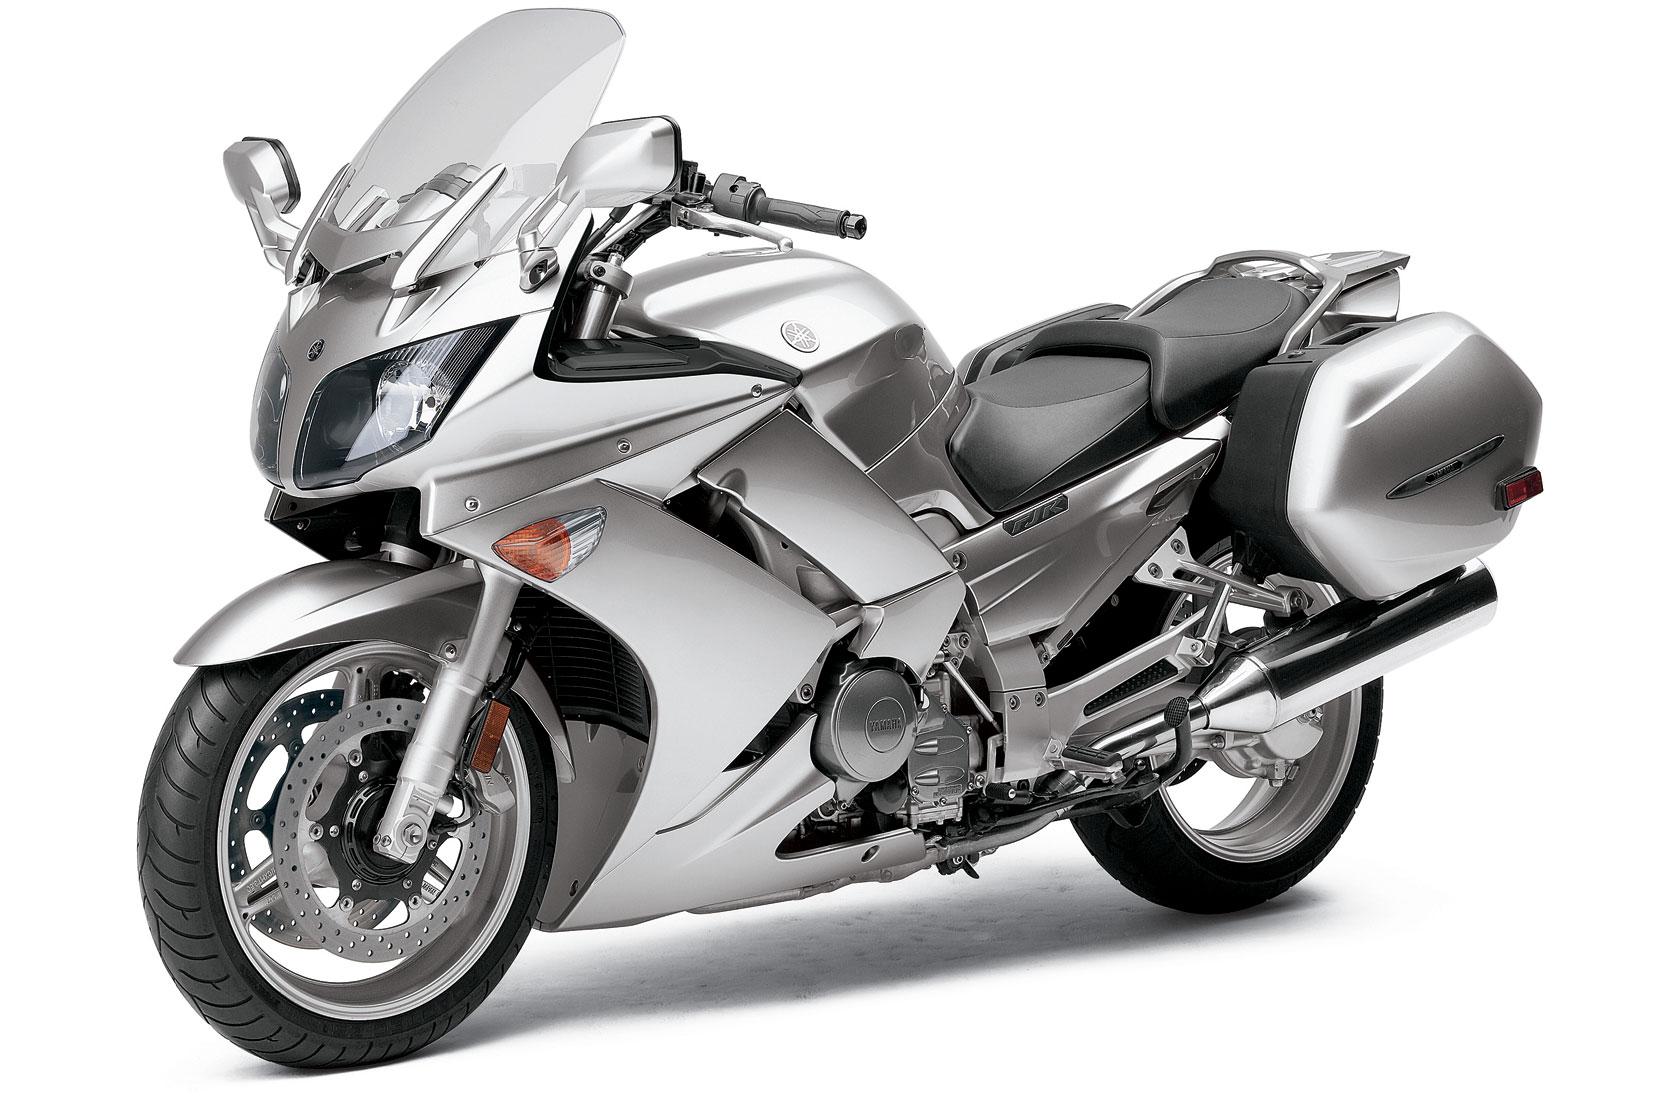 Автомобиль Yamaha (Ямаха) FJR 1300 в кузове спорт-турист. Объем двигателя  автомобиля 1300 A составляет 1298 кубических сантиметров или 1.3 литра.